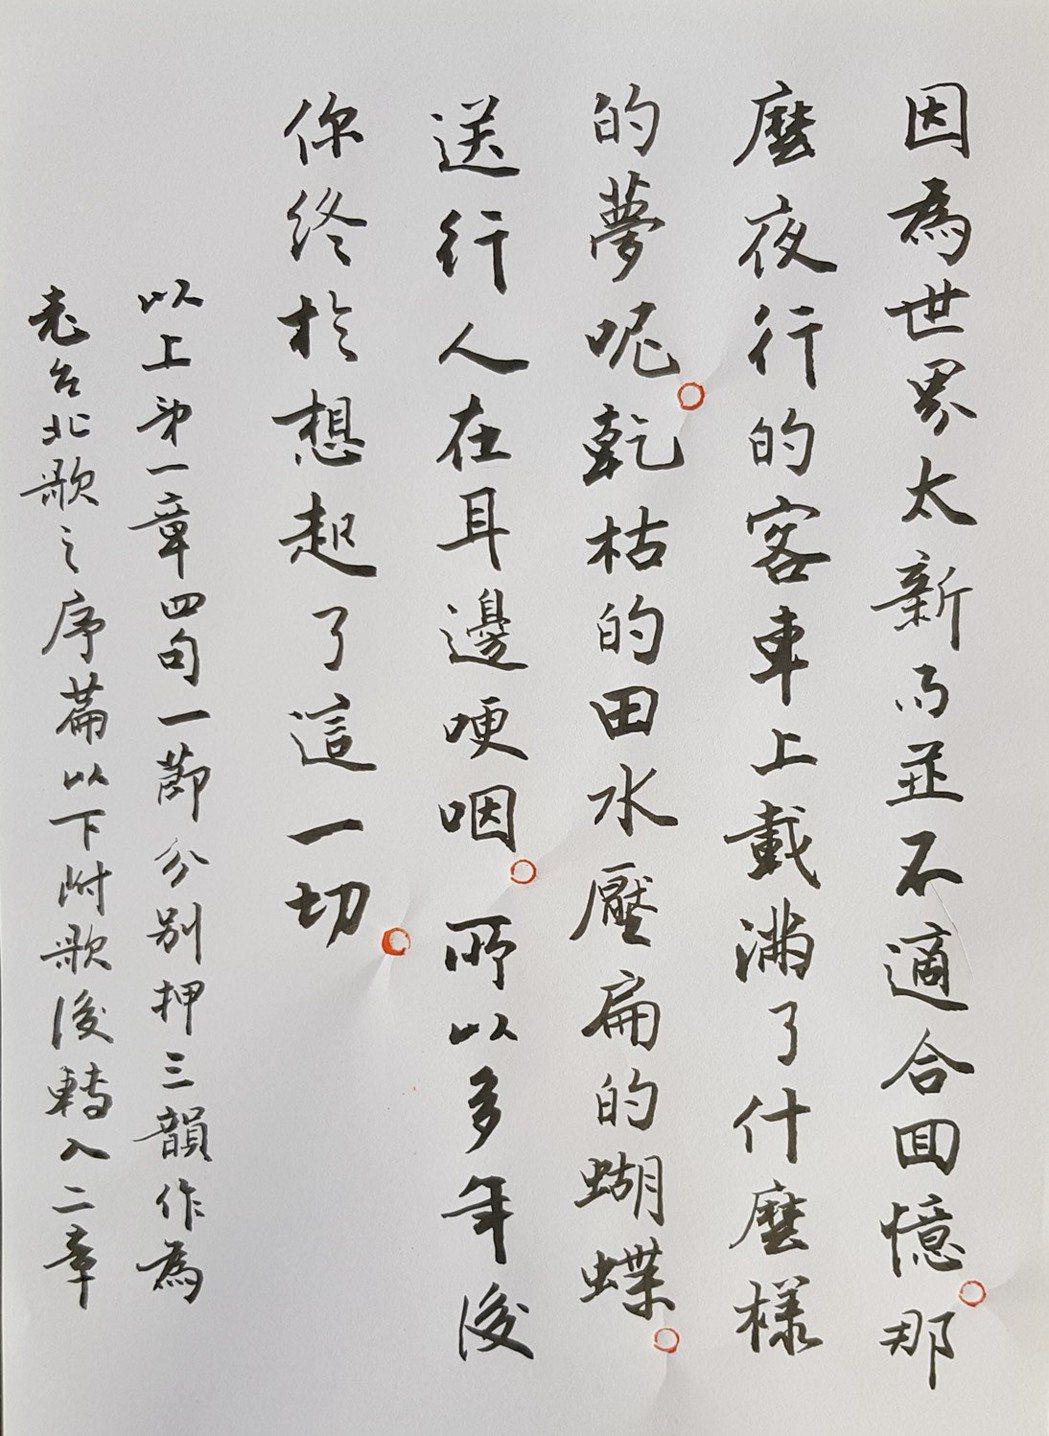 張大春以書法撰寫「台北的夜行客車」歌詞。圖/張大春提供